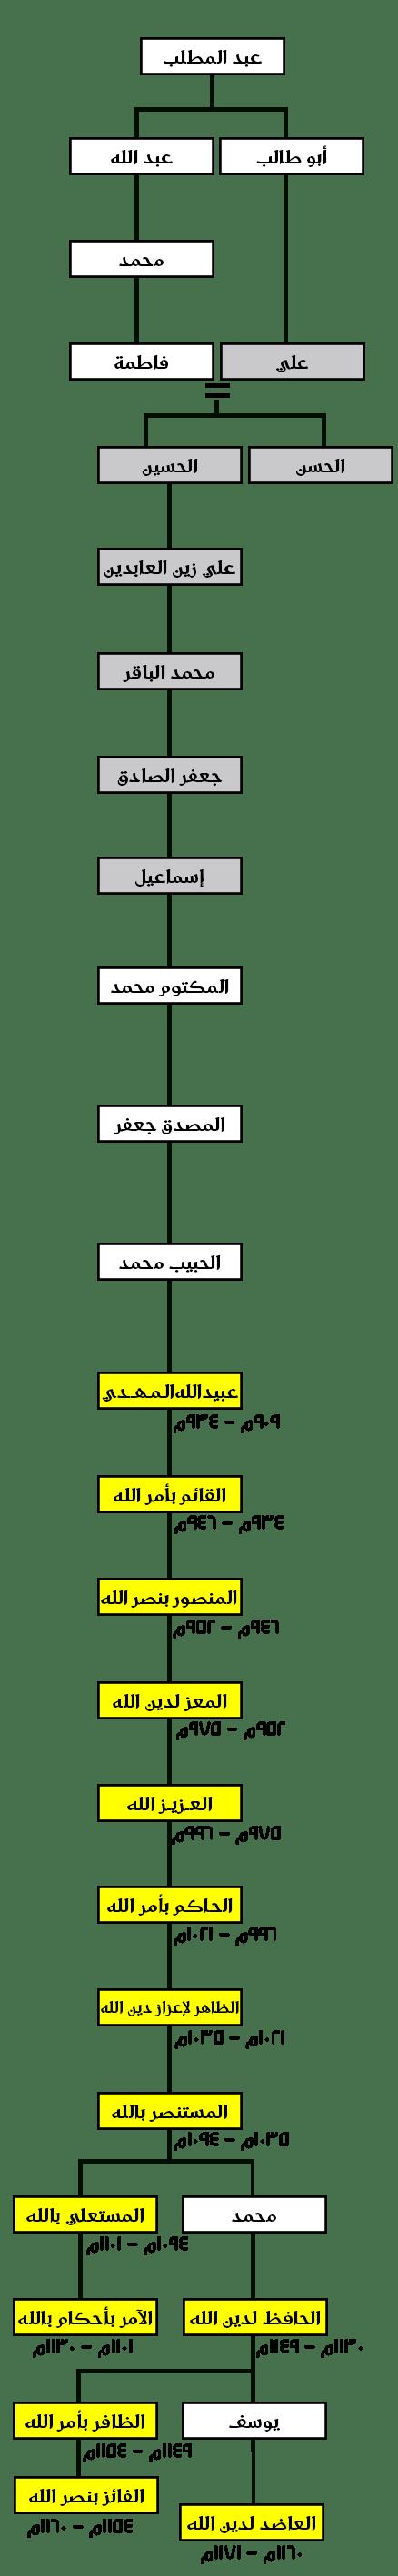 الشعوب والديانات Hatem Alharbi الصفحة 3